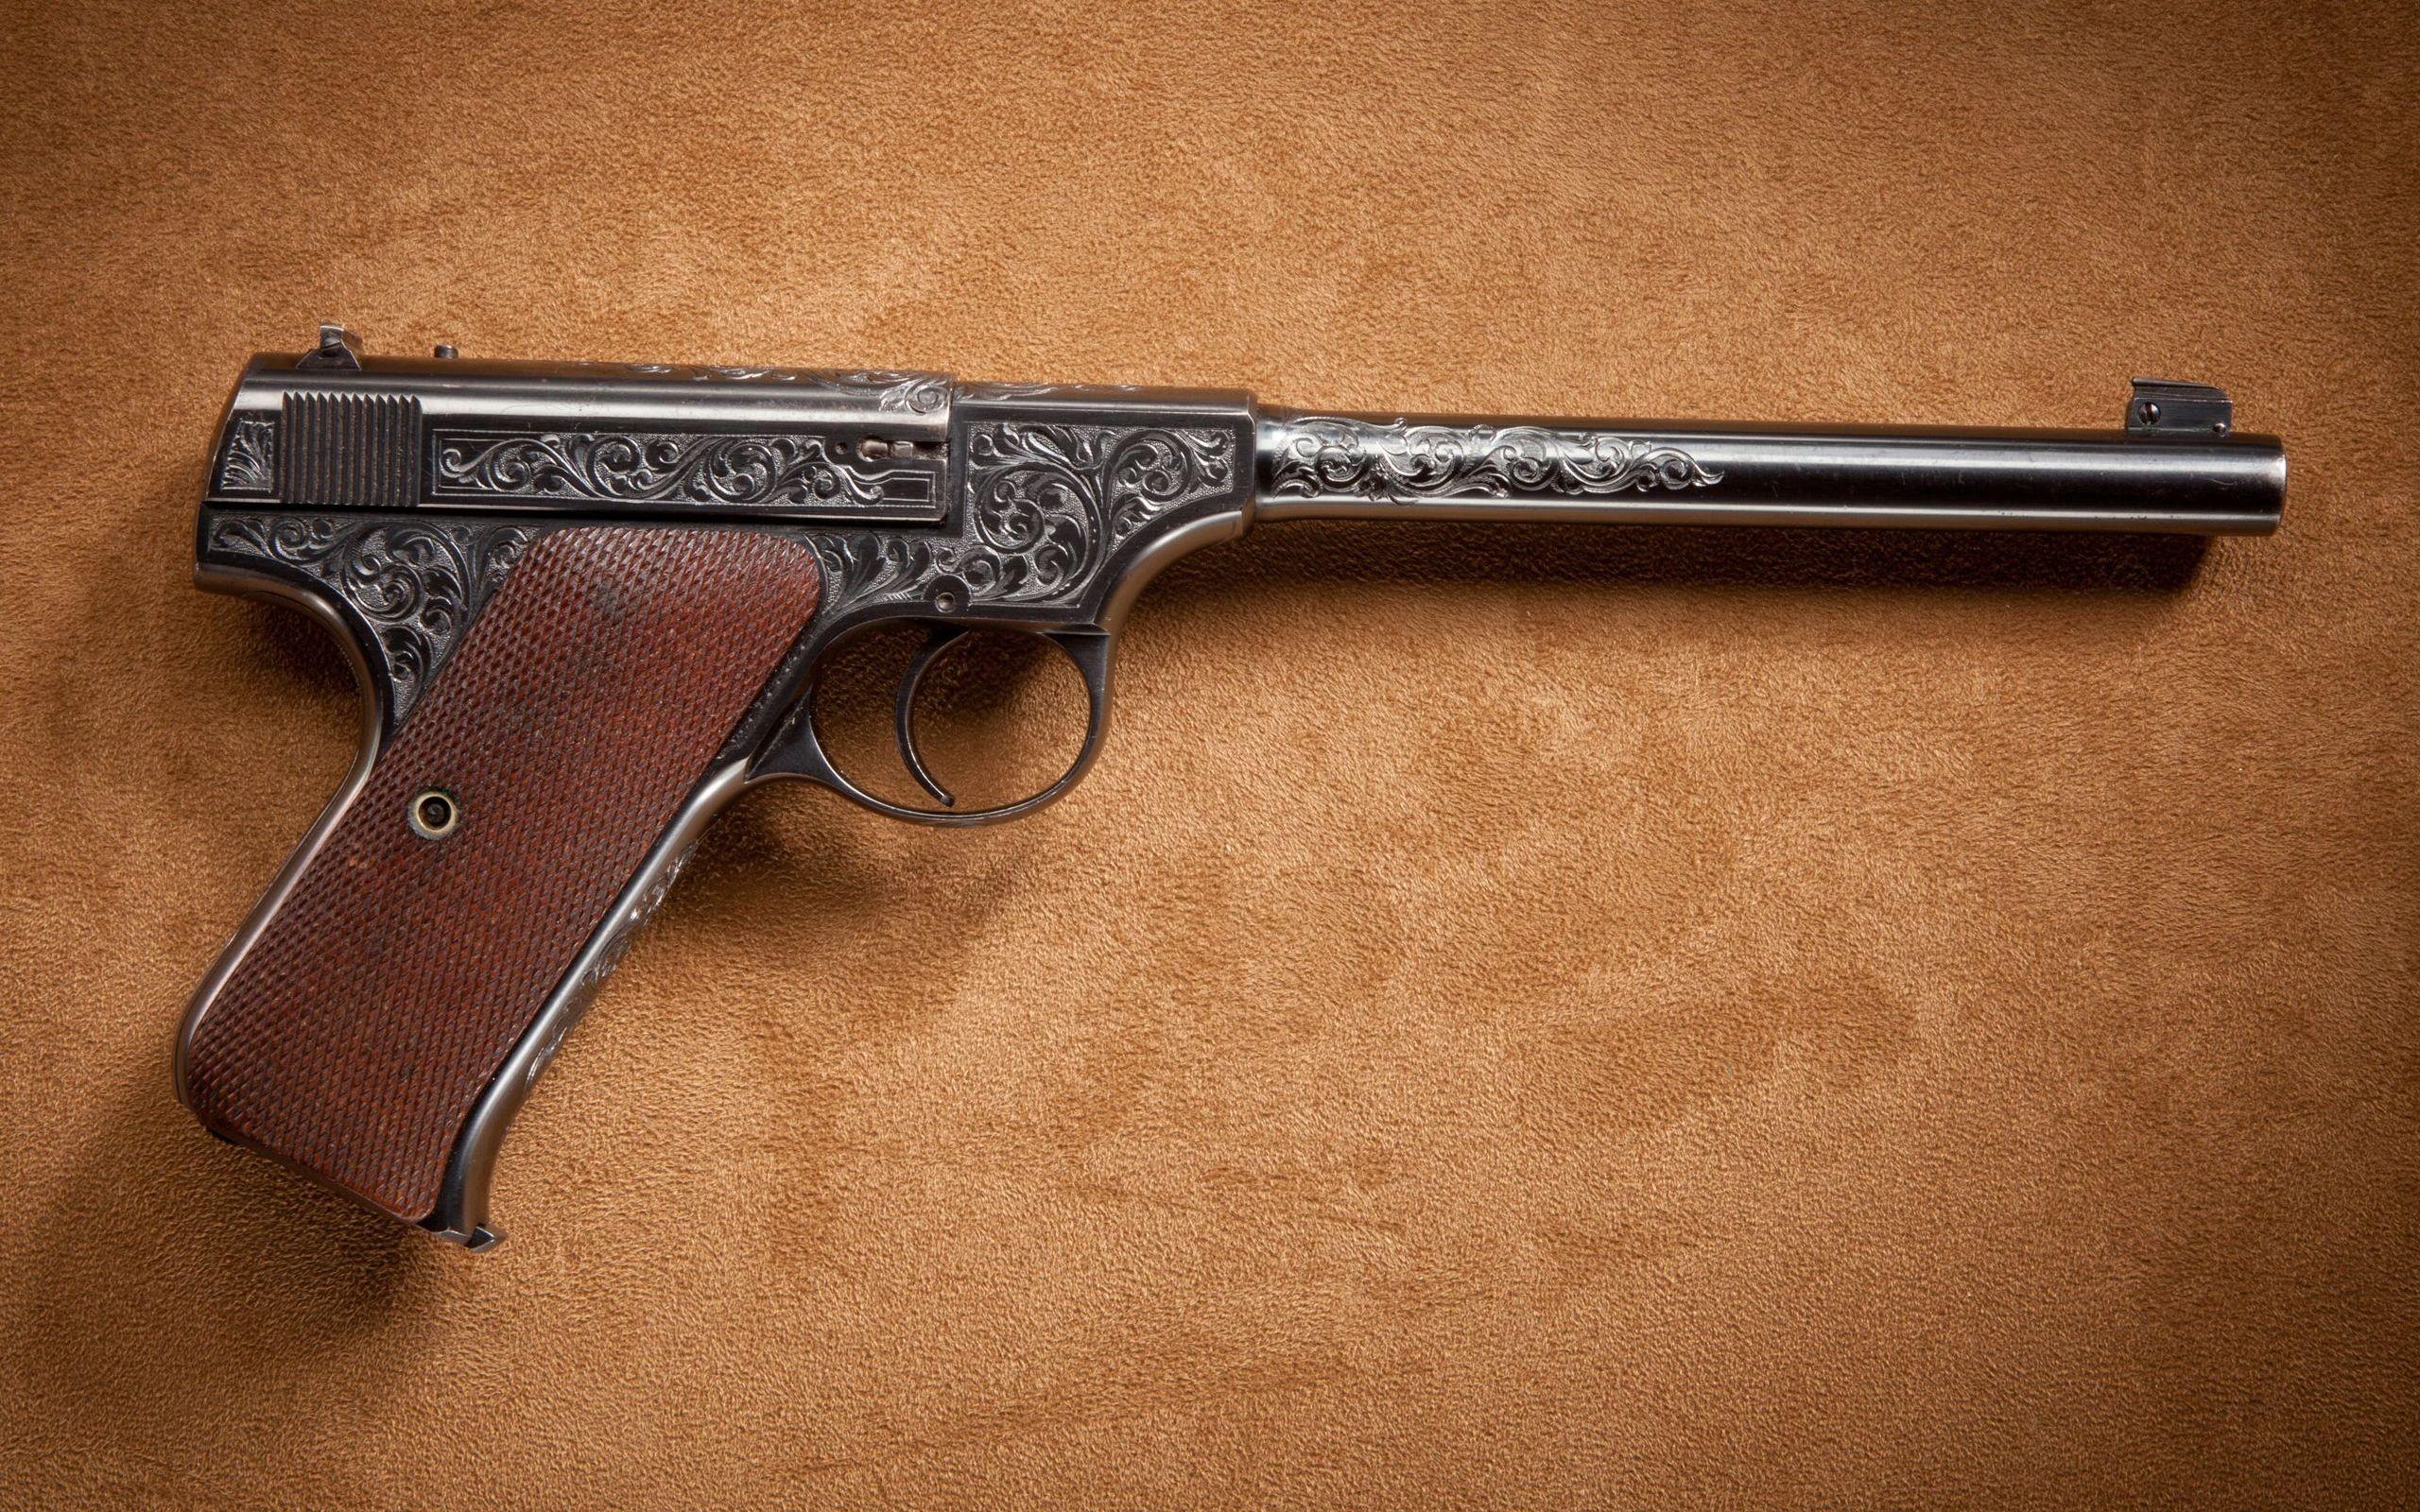 Luger P08 Pistol Backgrounds, Compatible - PC, Mobile, Gadgets| 2560x1600 px